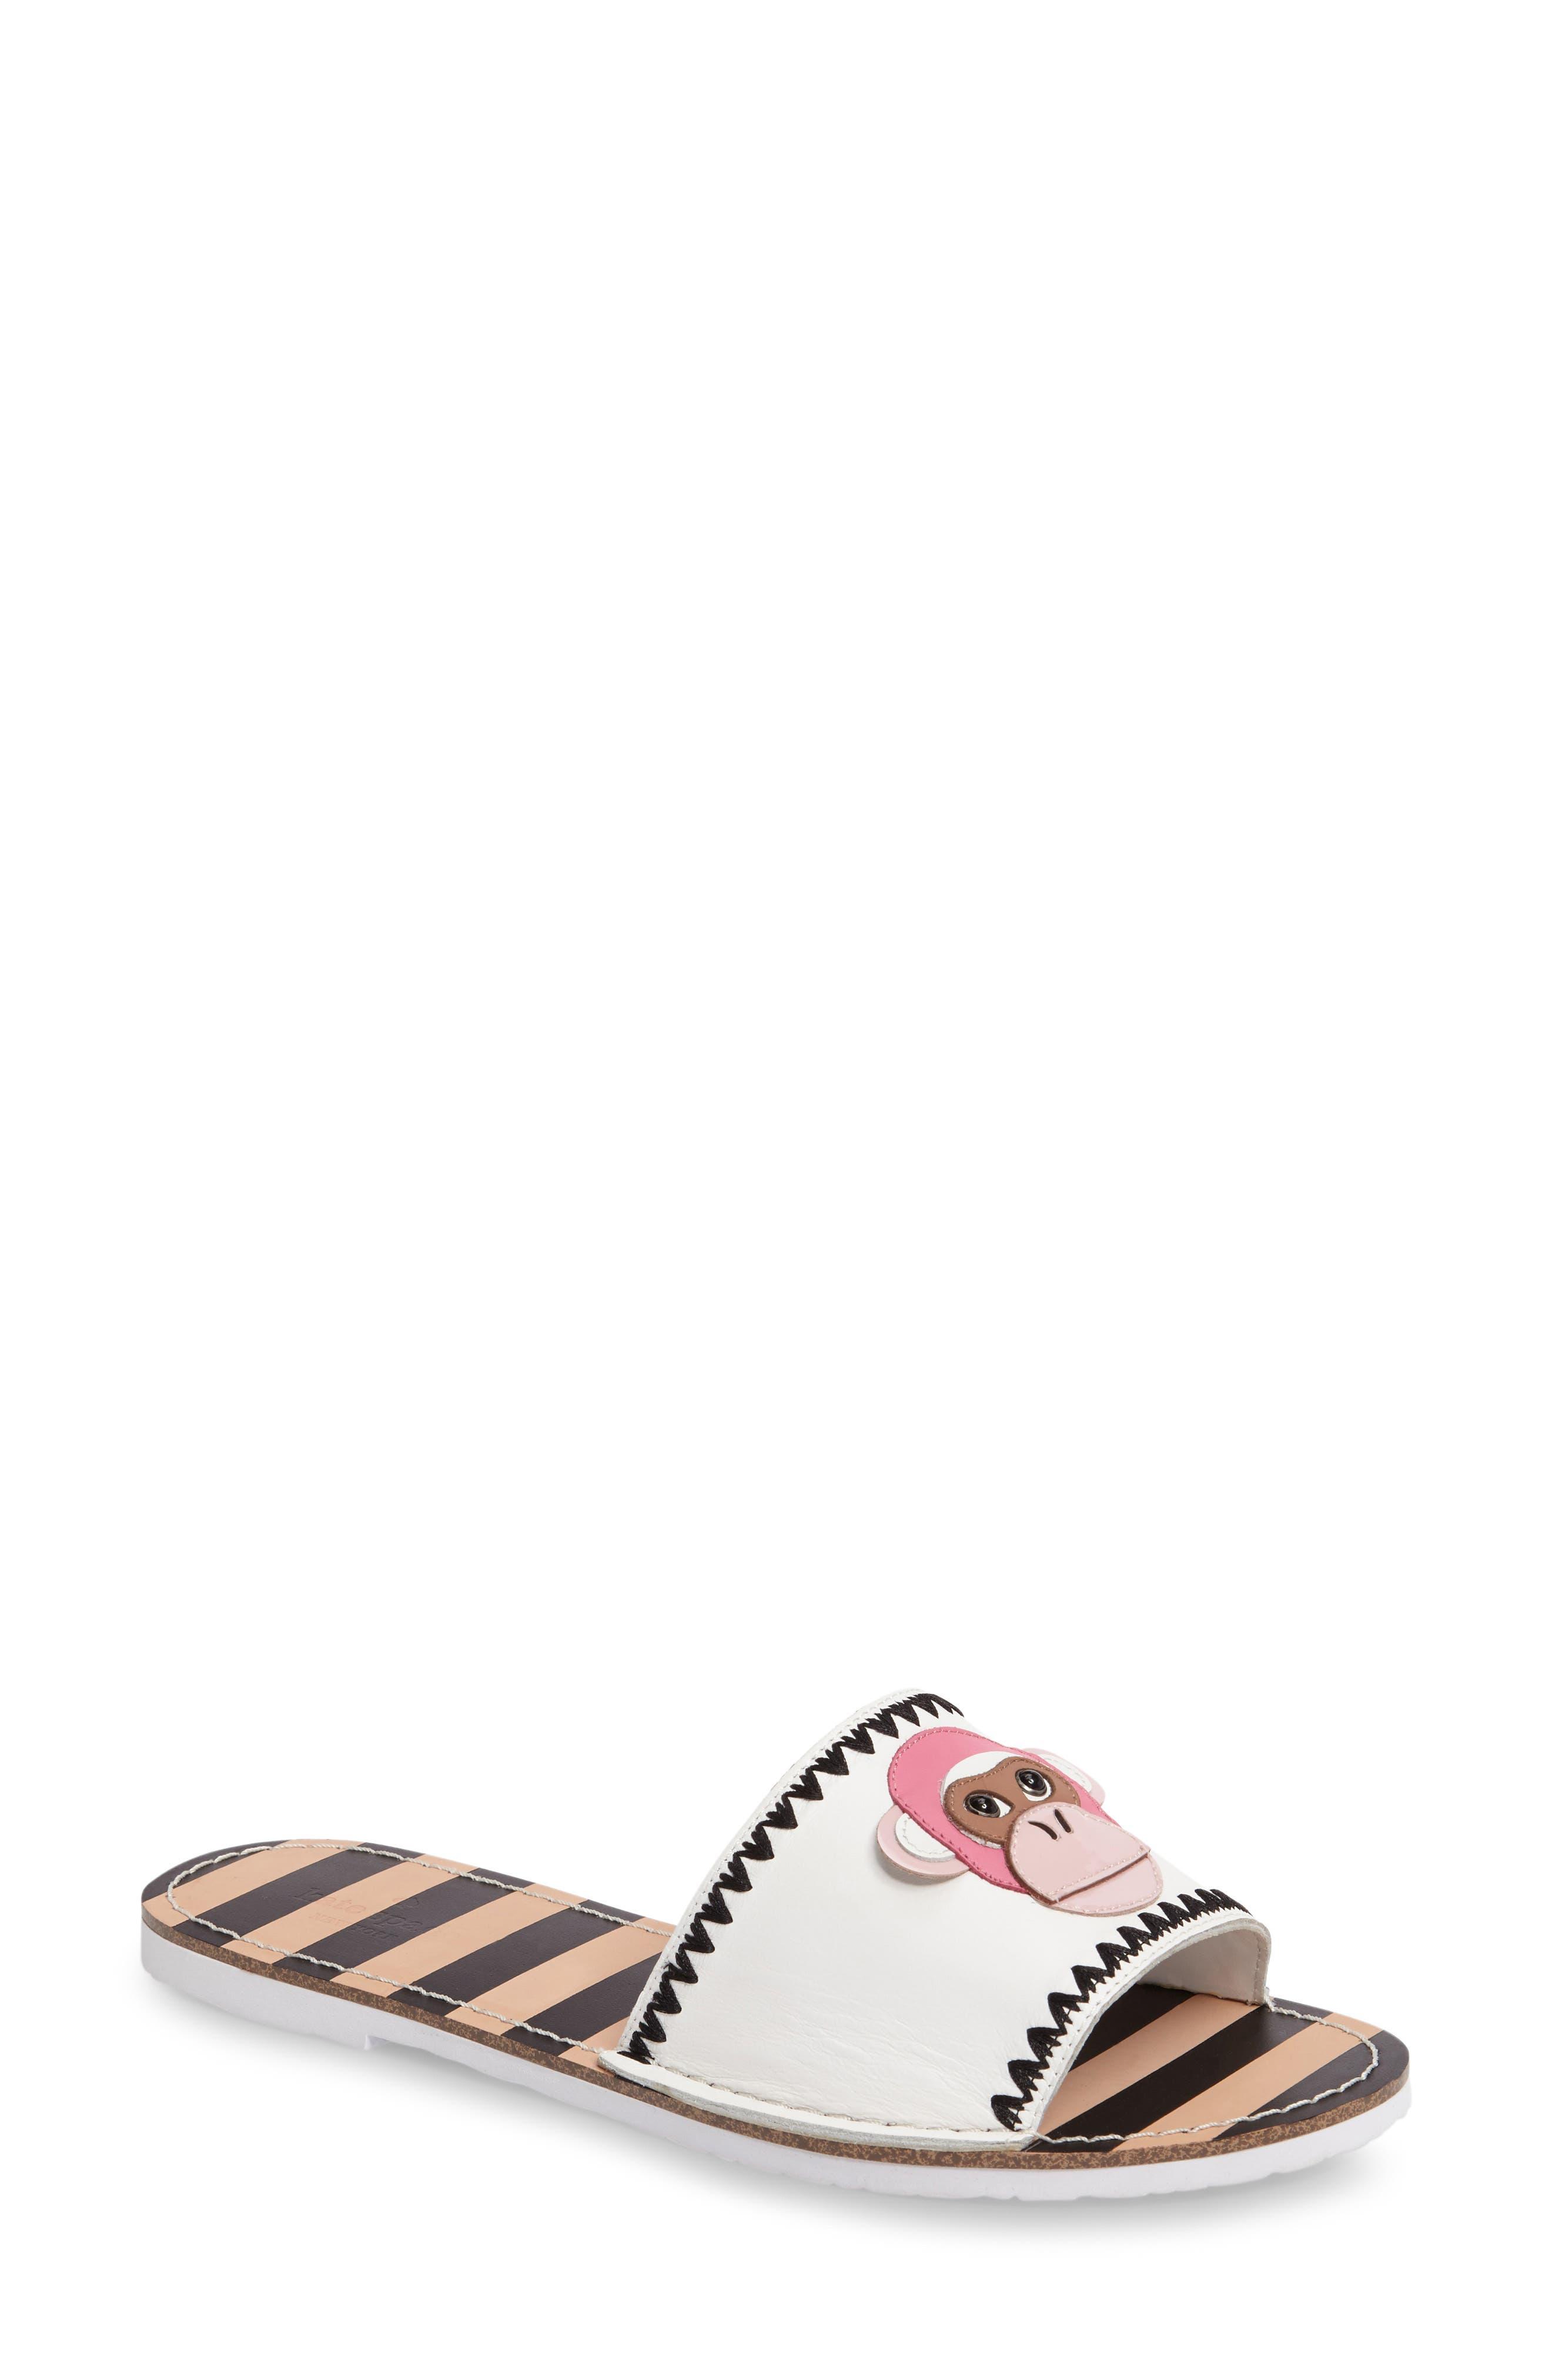 KATE SPADE NEW YORK inyo slide sandal